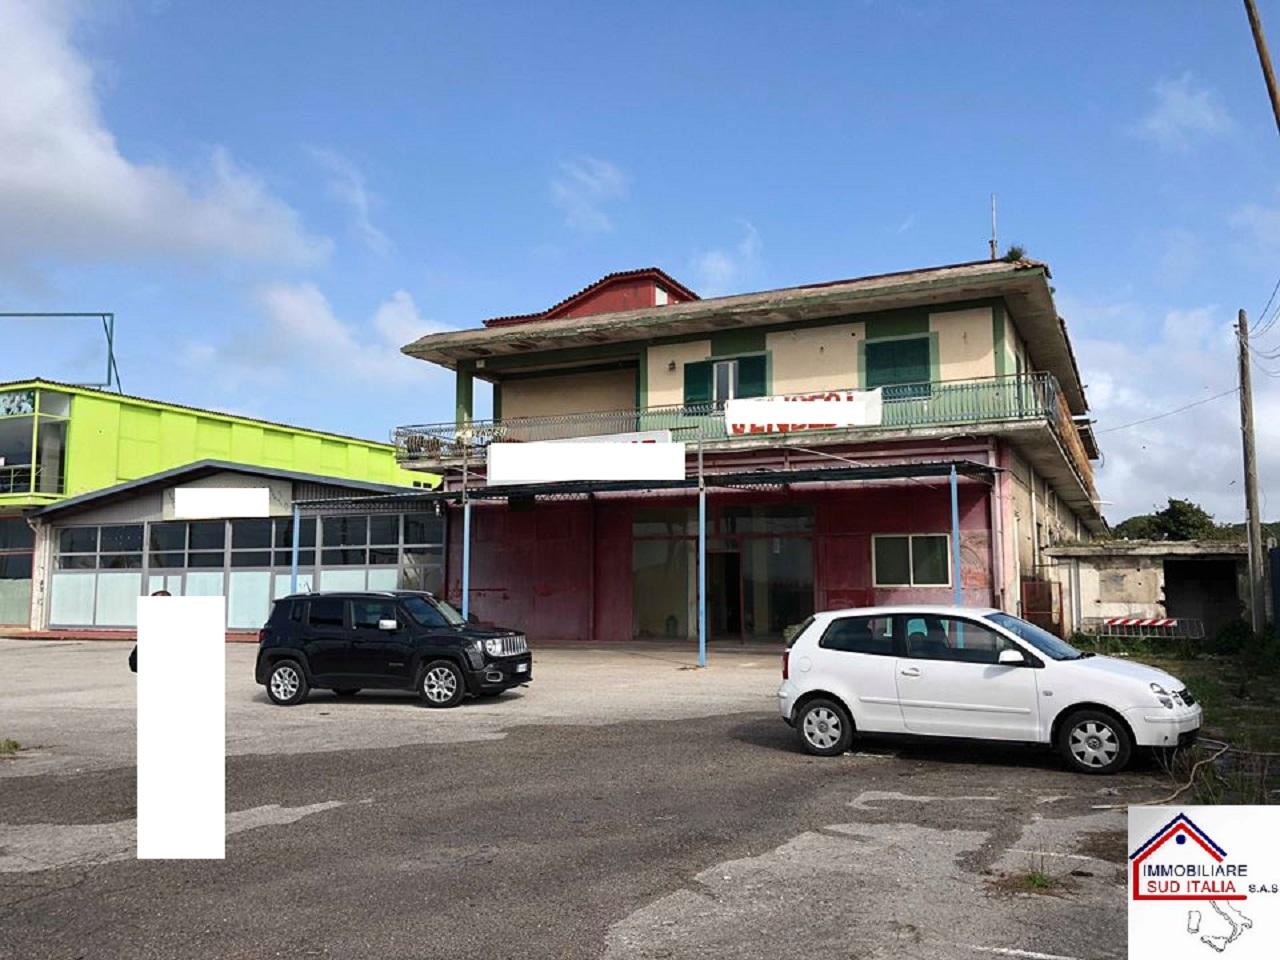 Capannone in vendita a Giugliano in Campania, 9999 locali, Trattative riservate   CambioCasa.it